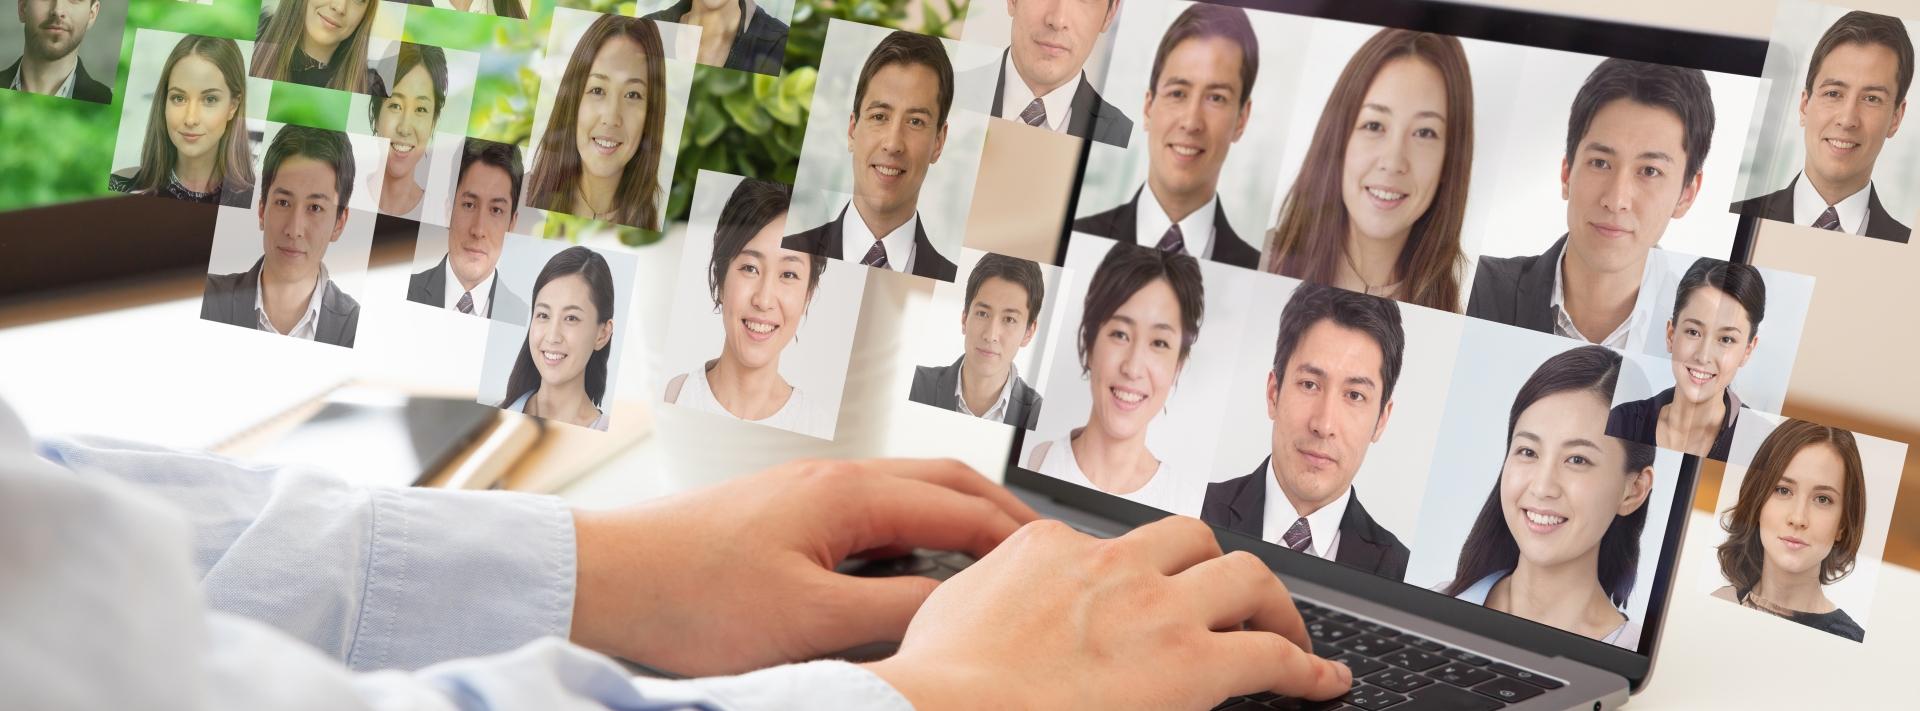 アナログ派・デジタル派・中間派が混在する時代|職住隣接物語 ngsw.net